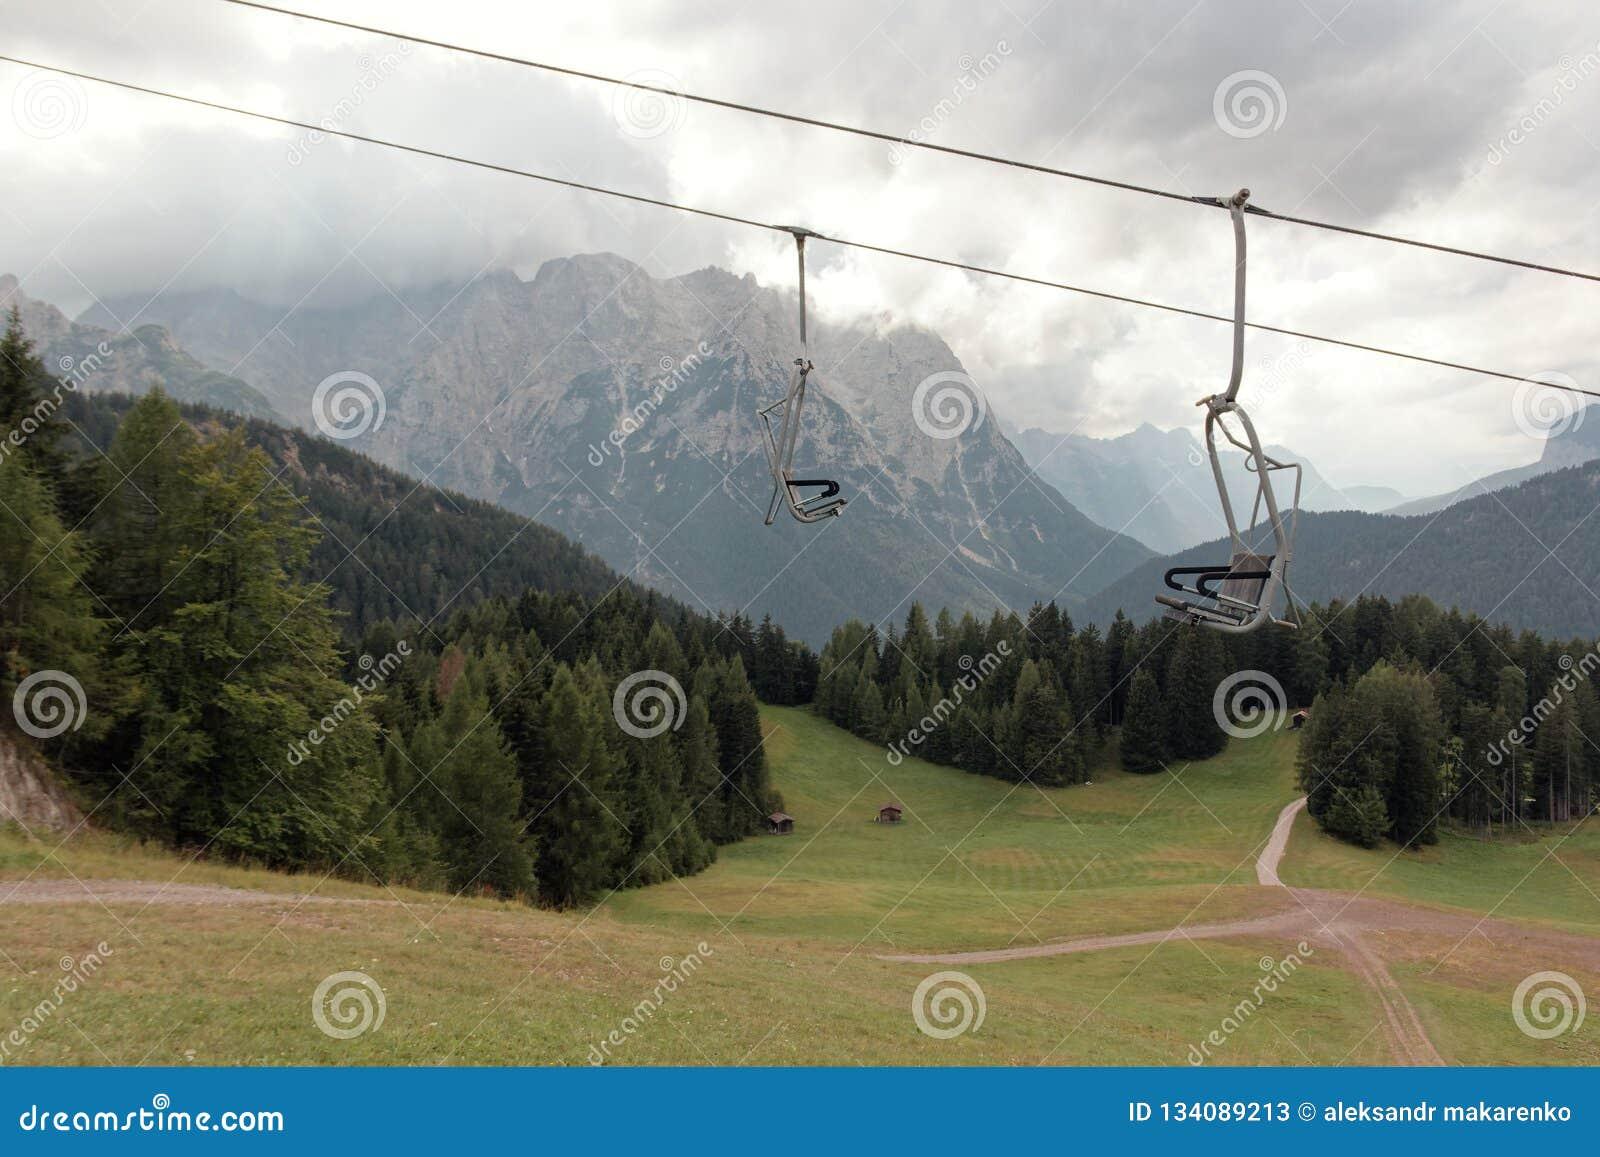 Auronzo di Cadore, Italia: Elevación de la montaña en el verano